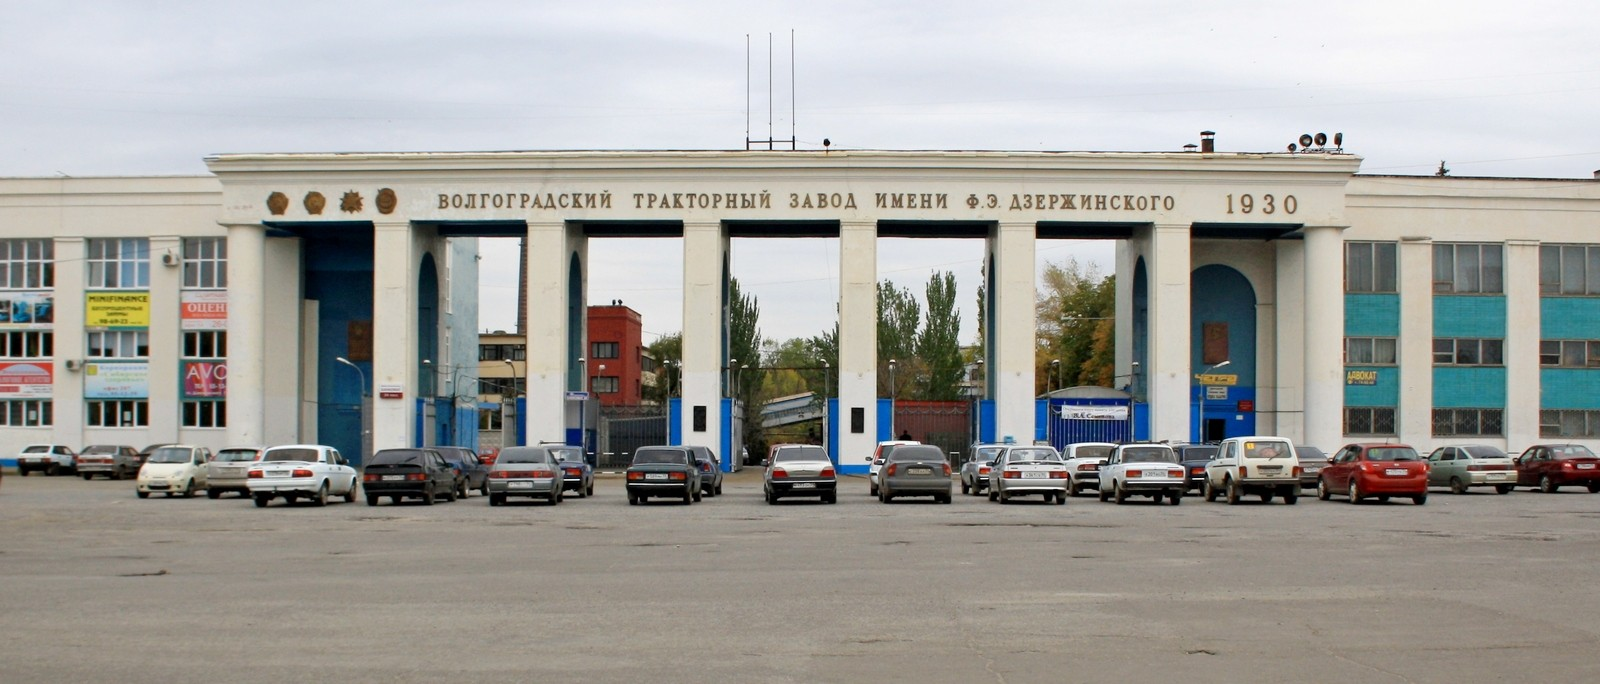 Волгоградский тракторный завод до 1961 года именовался Сталинградский тракторный завод им. Ф. Э. Дзержинского (СТЗ)